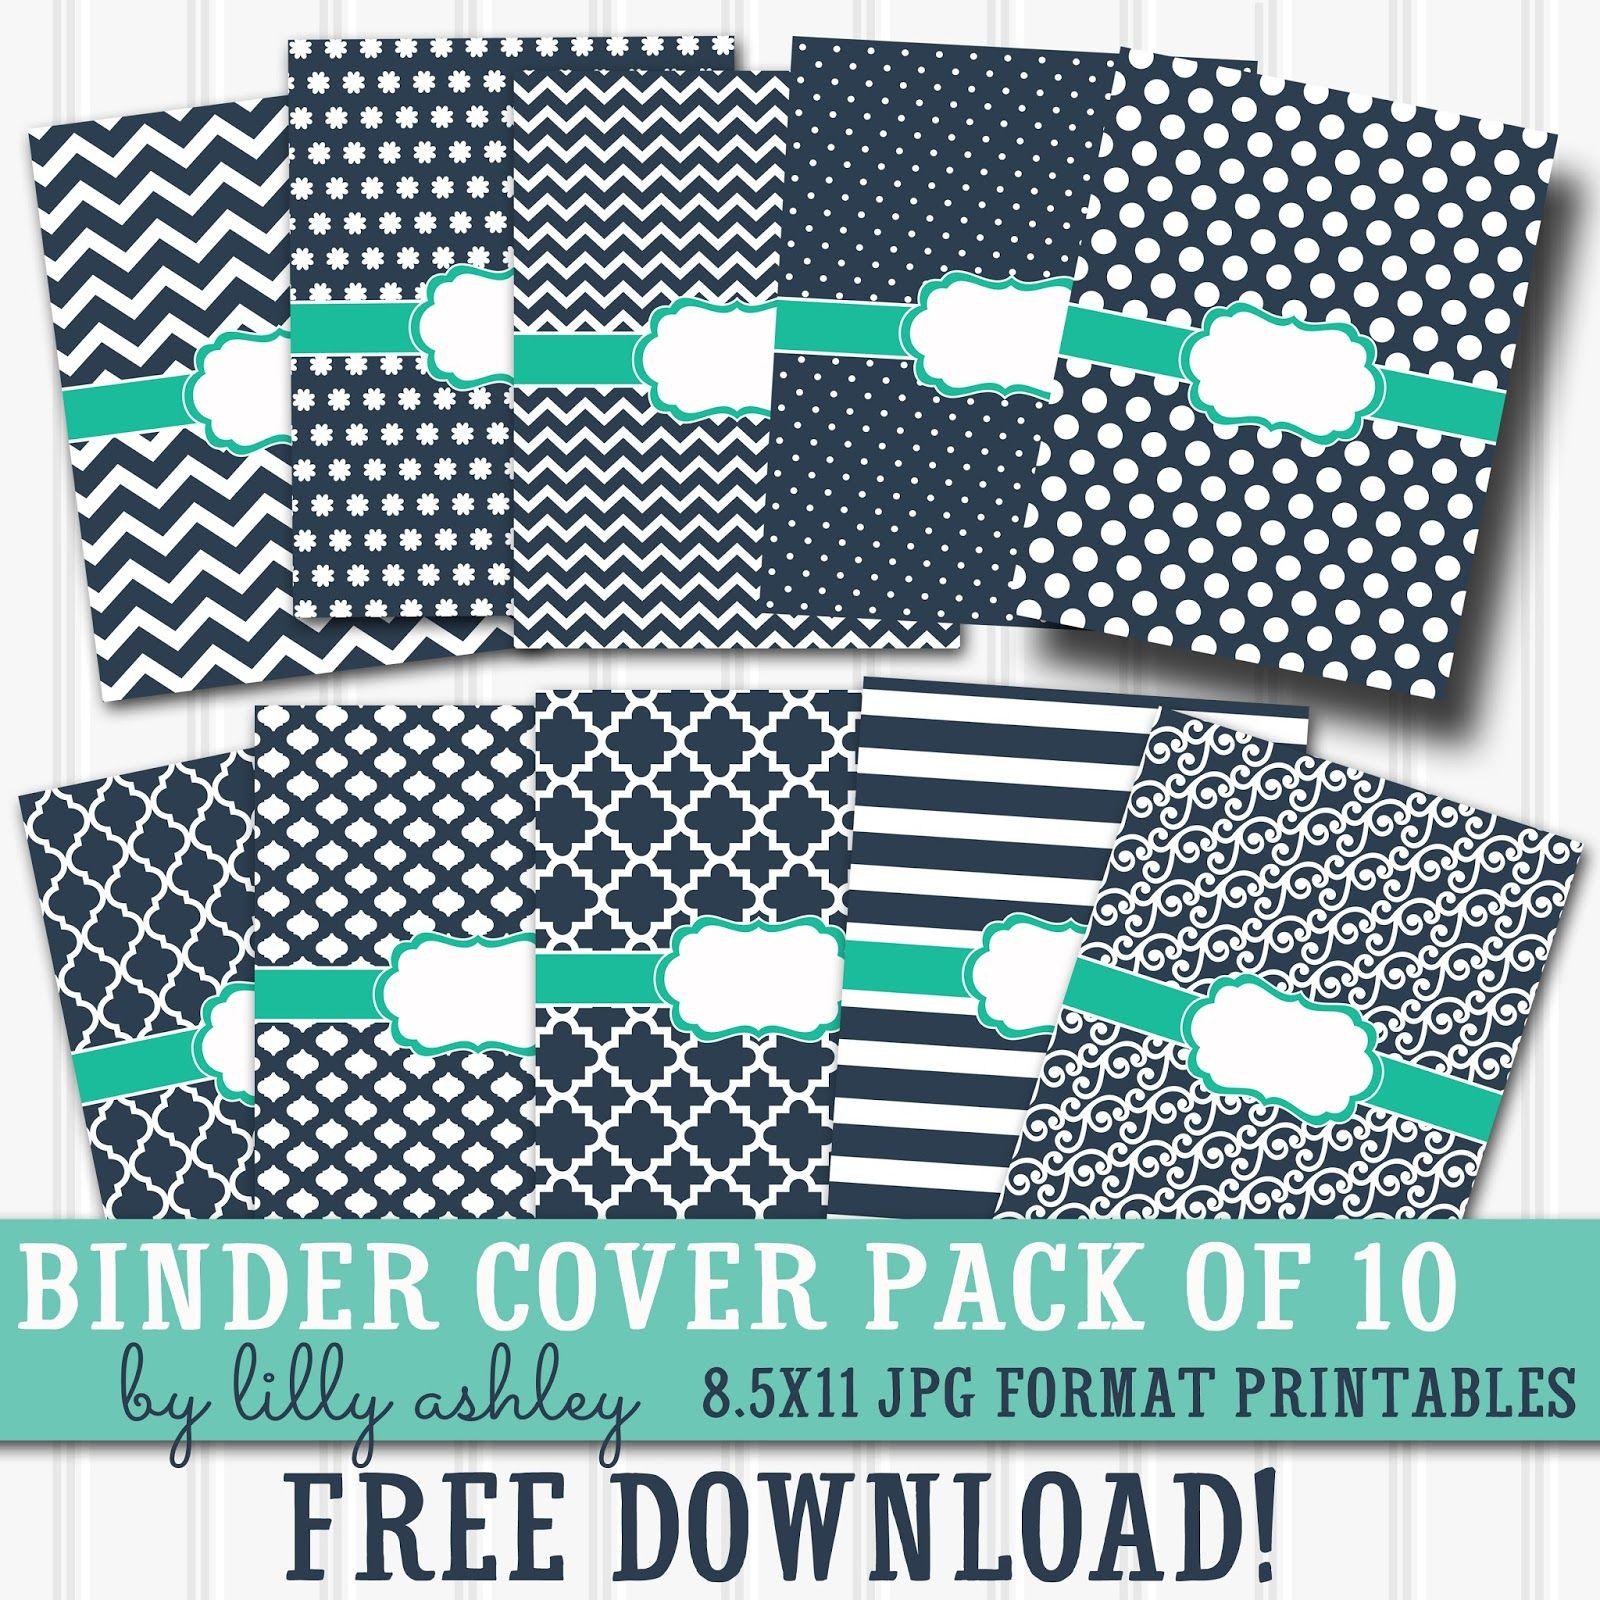 free printable binder covers pack of 10 diy school supplies